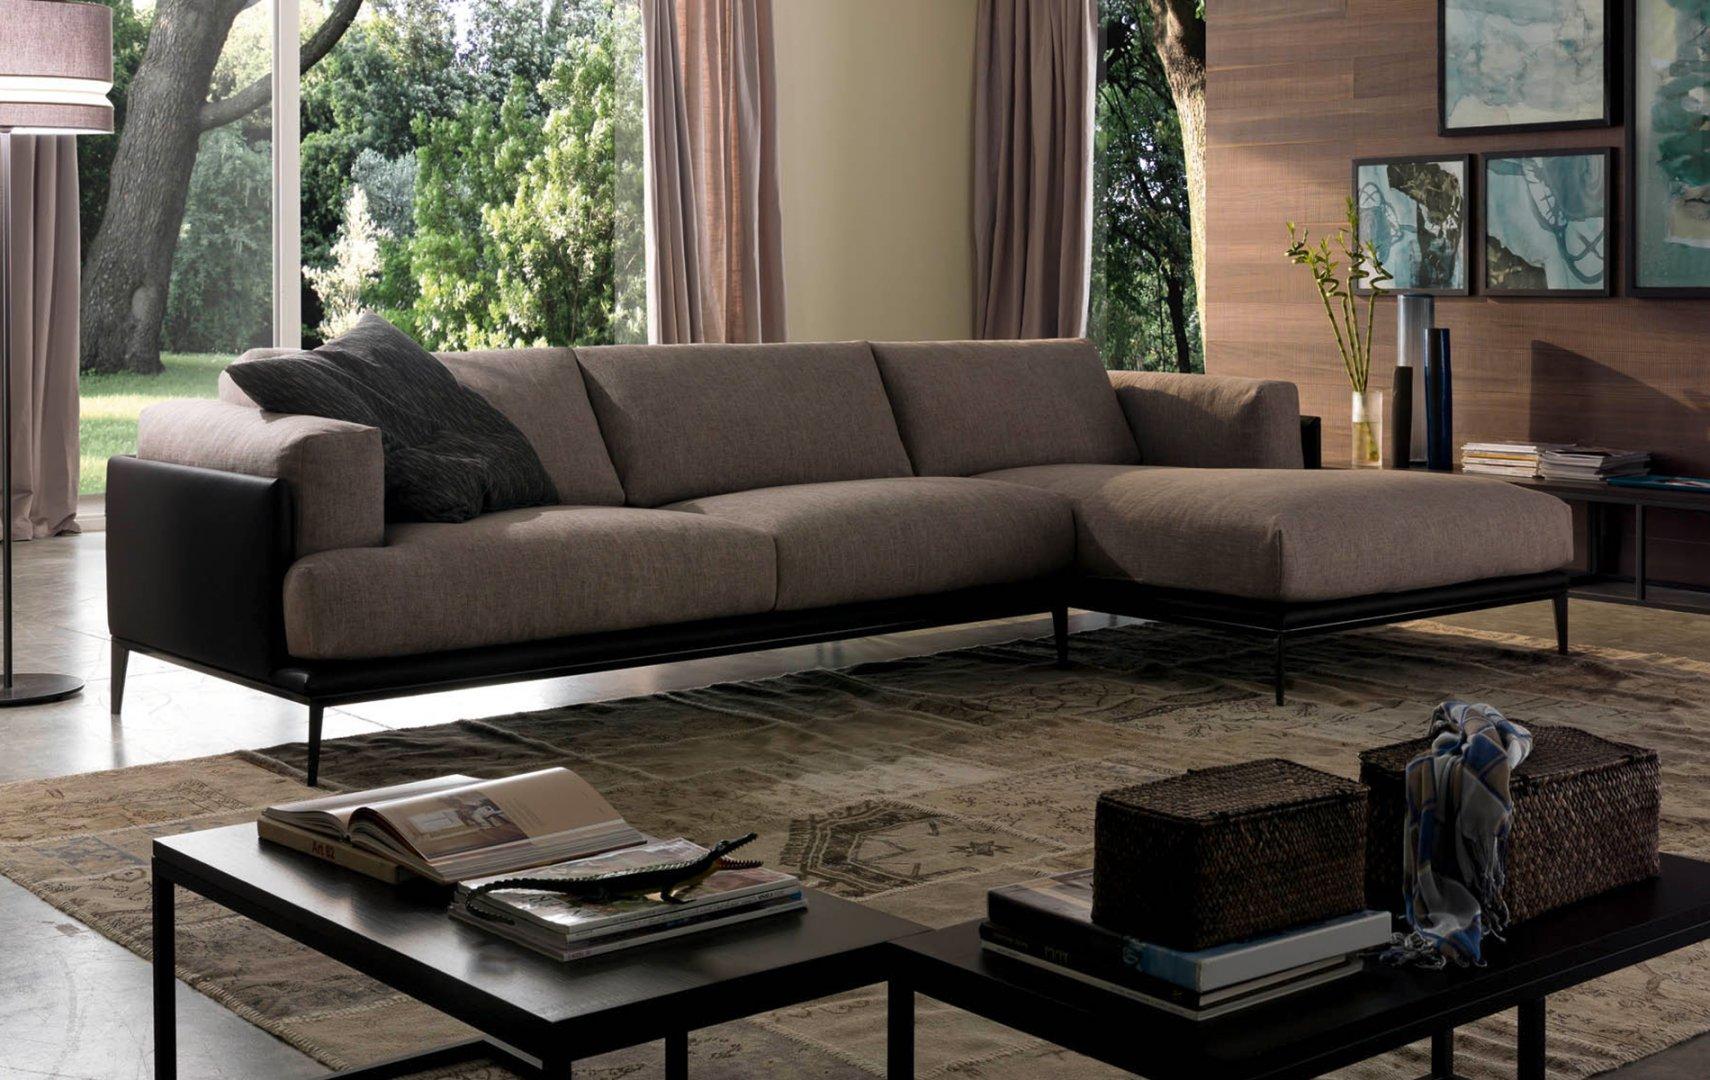 Sofa Edo mang lại sự ấm cúng cho không gian